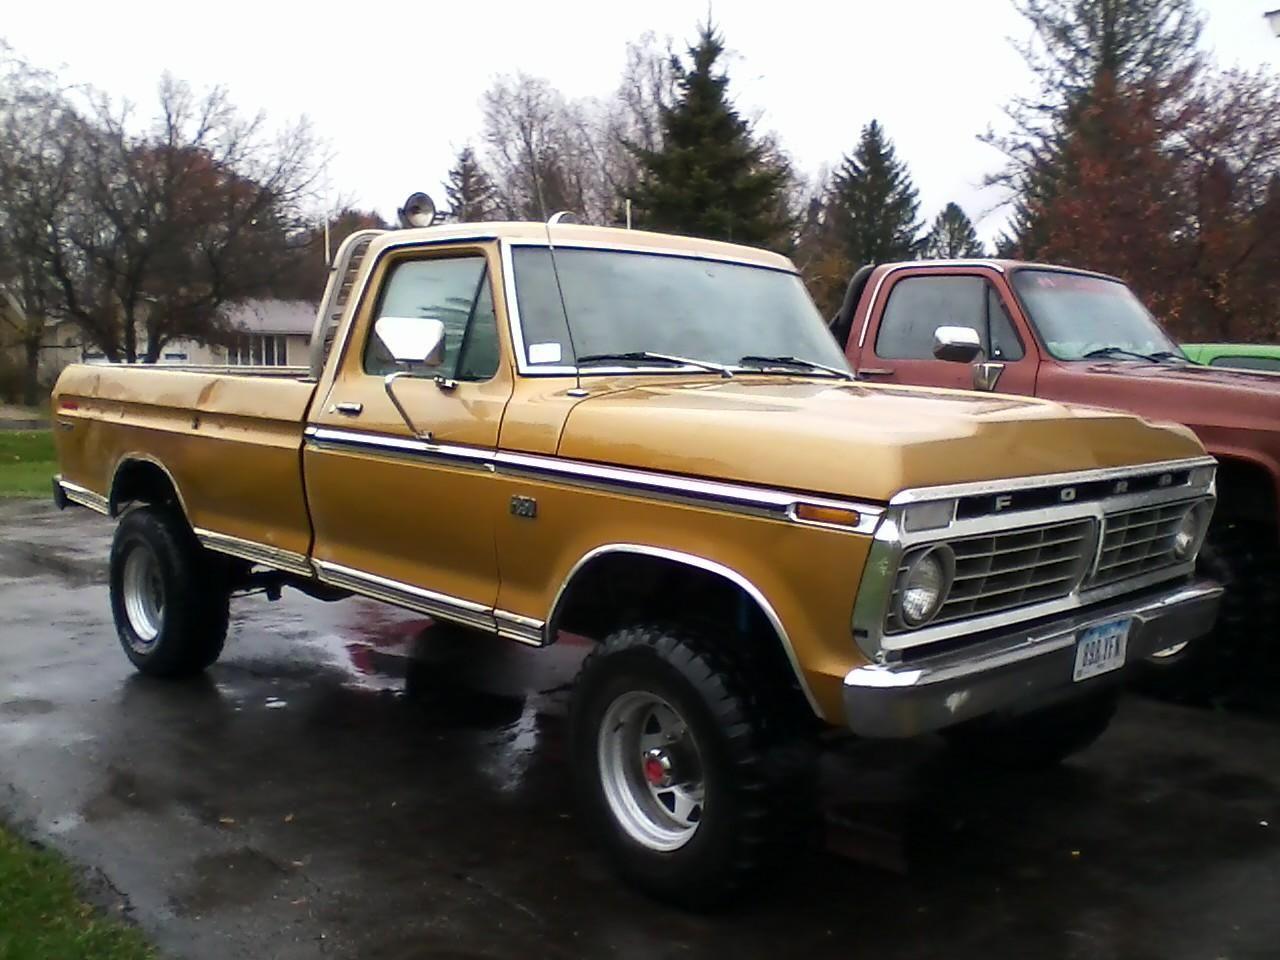 1974 f 250 highboy ford trucks pinterest. Black Bedroom Furniture Sets. Home Design Ideas